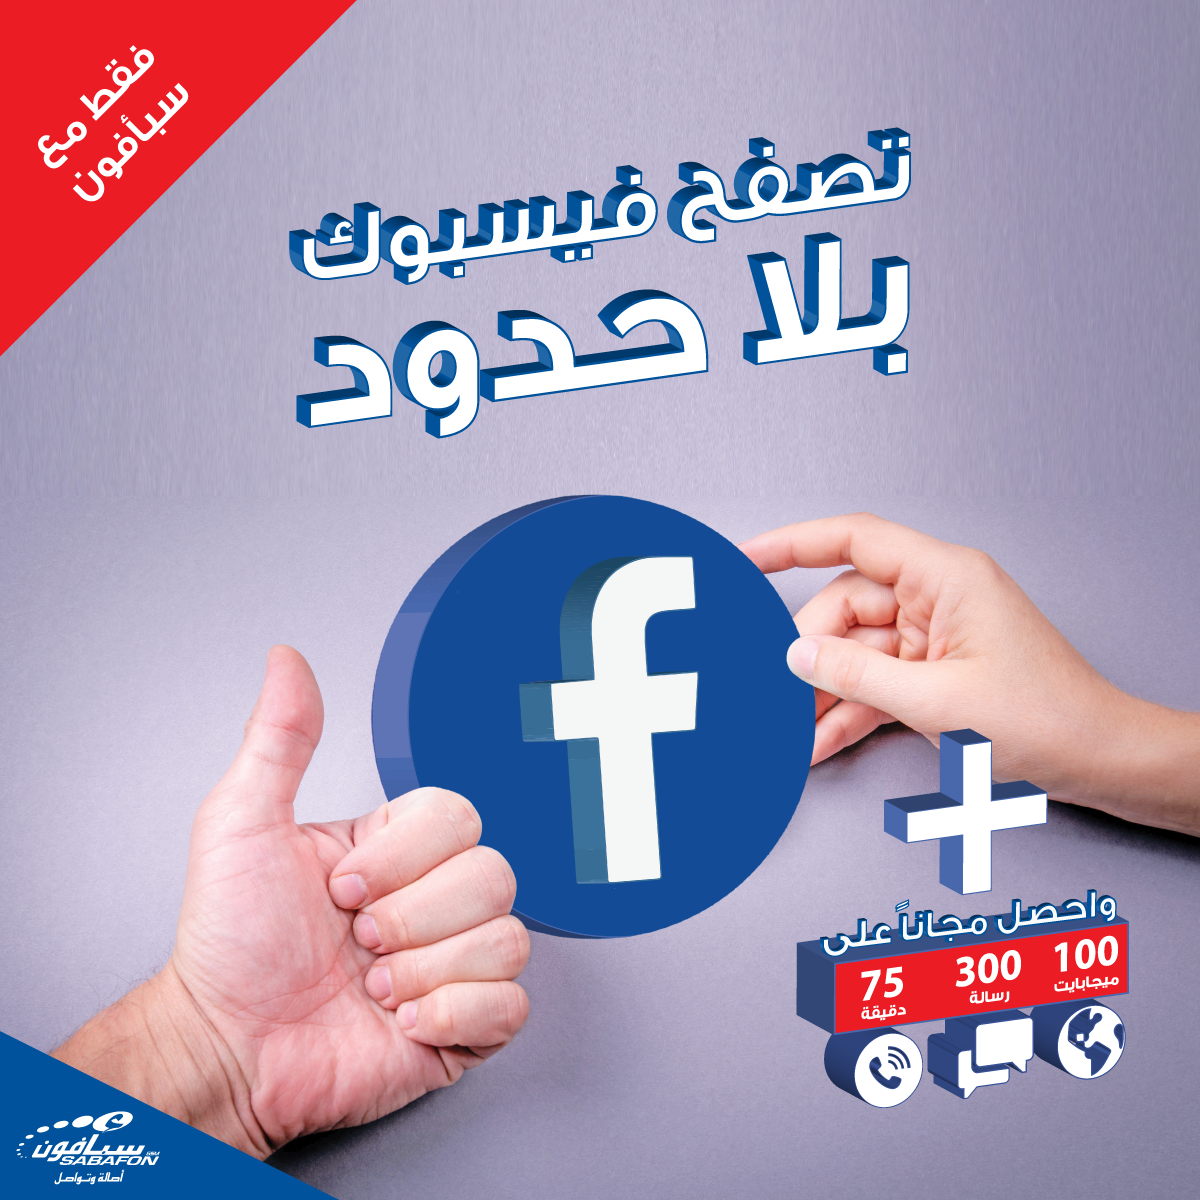 فيسبوك بلاس فيسبوك بلاس باقة جديدة من سبأفون تحتوي على مزايا مجانية فيسبوك لامحدود بالإضافة إلى دقائق وانترنت ورسائل إلى Allianz Logo Business Calm Artwork